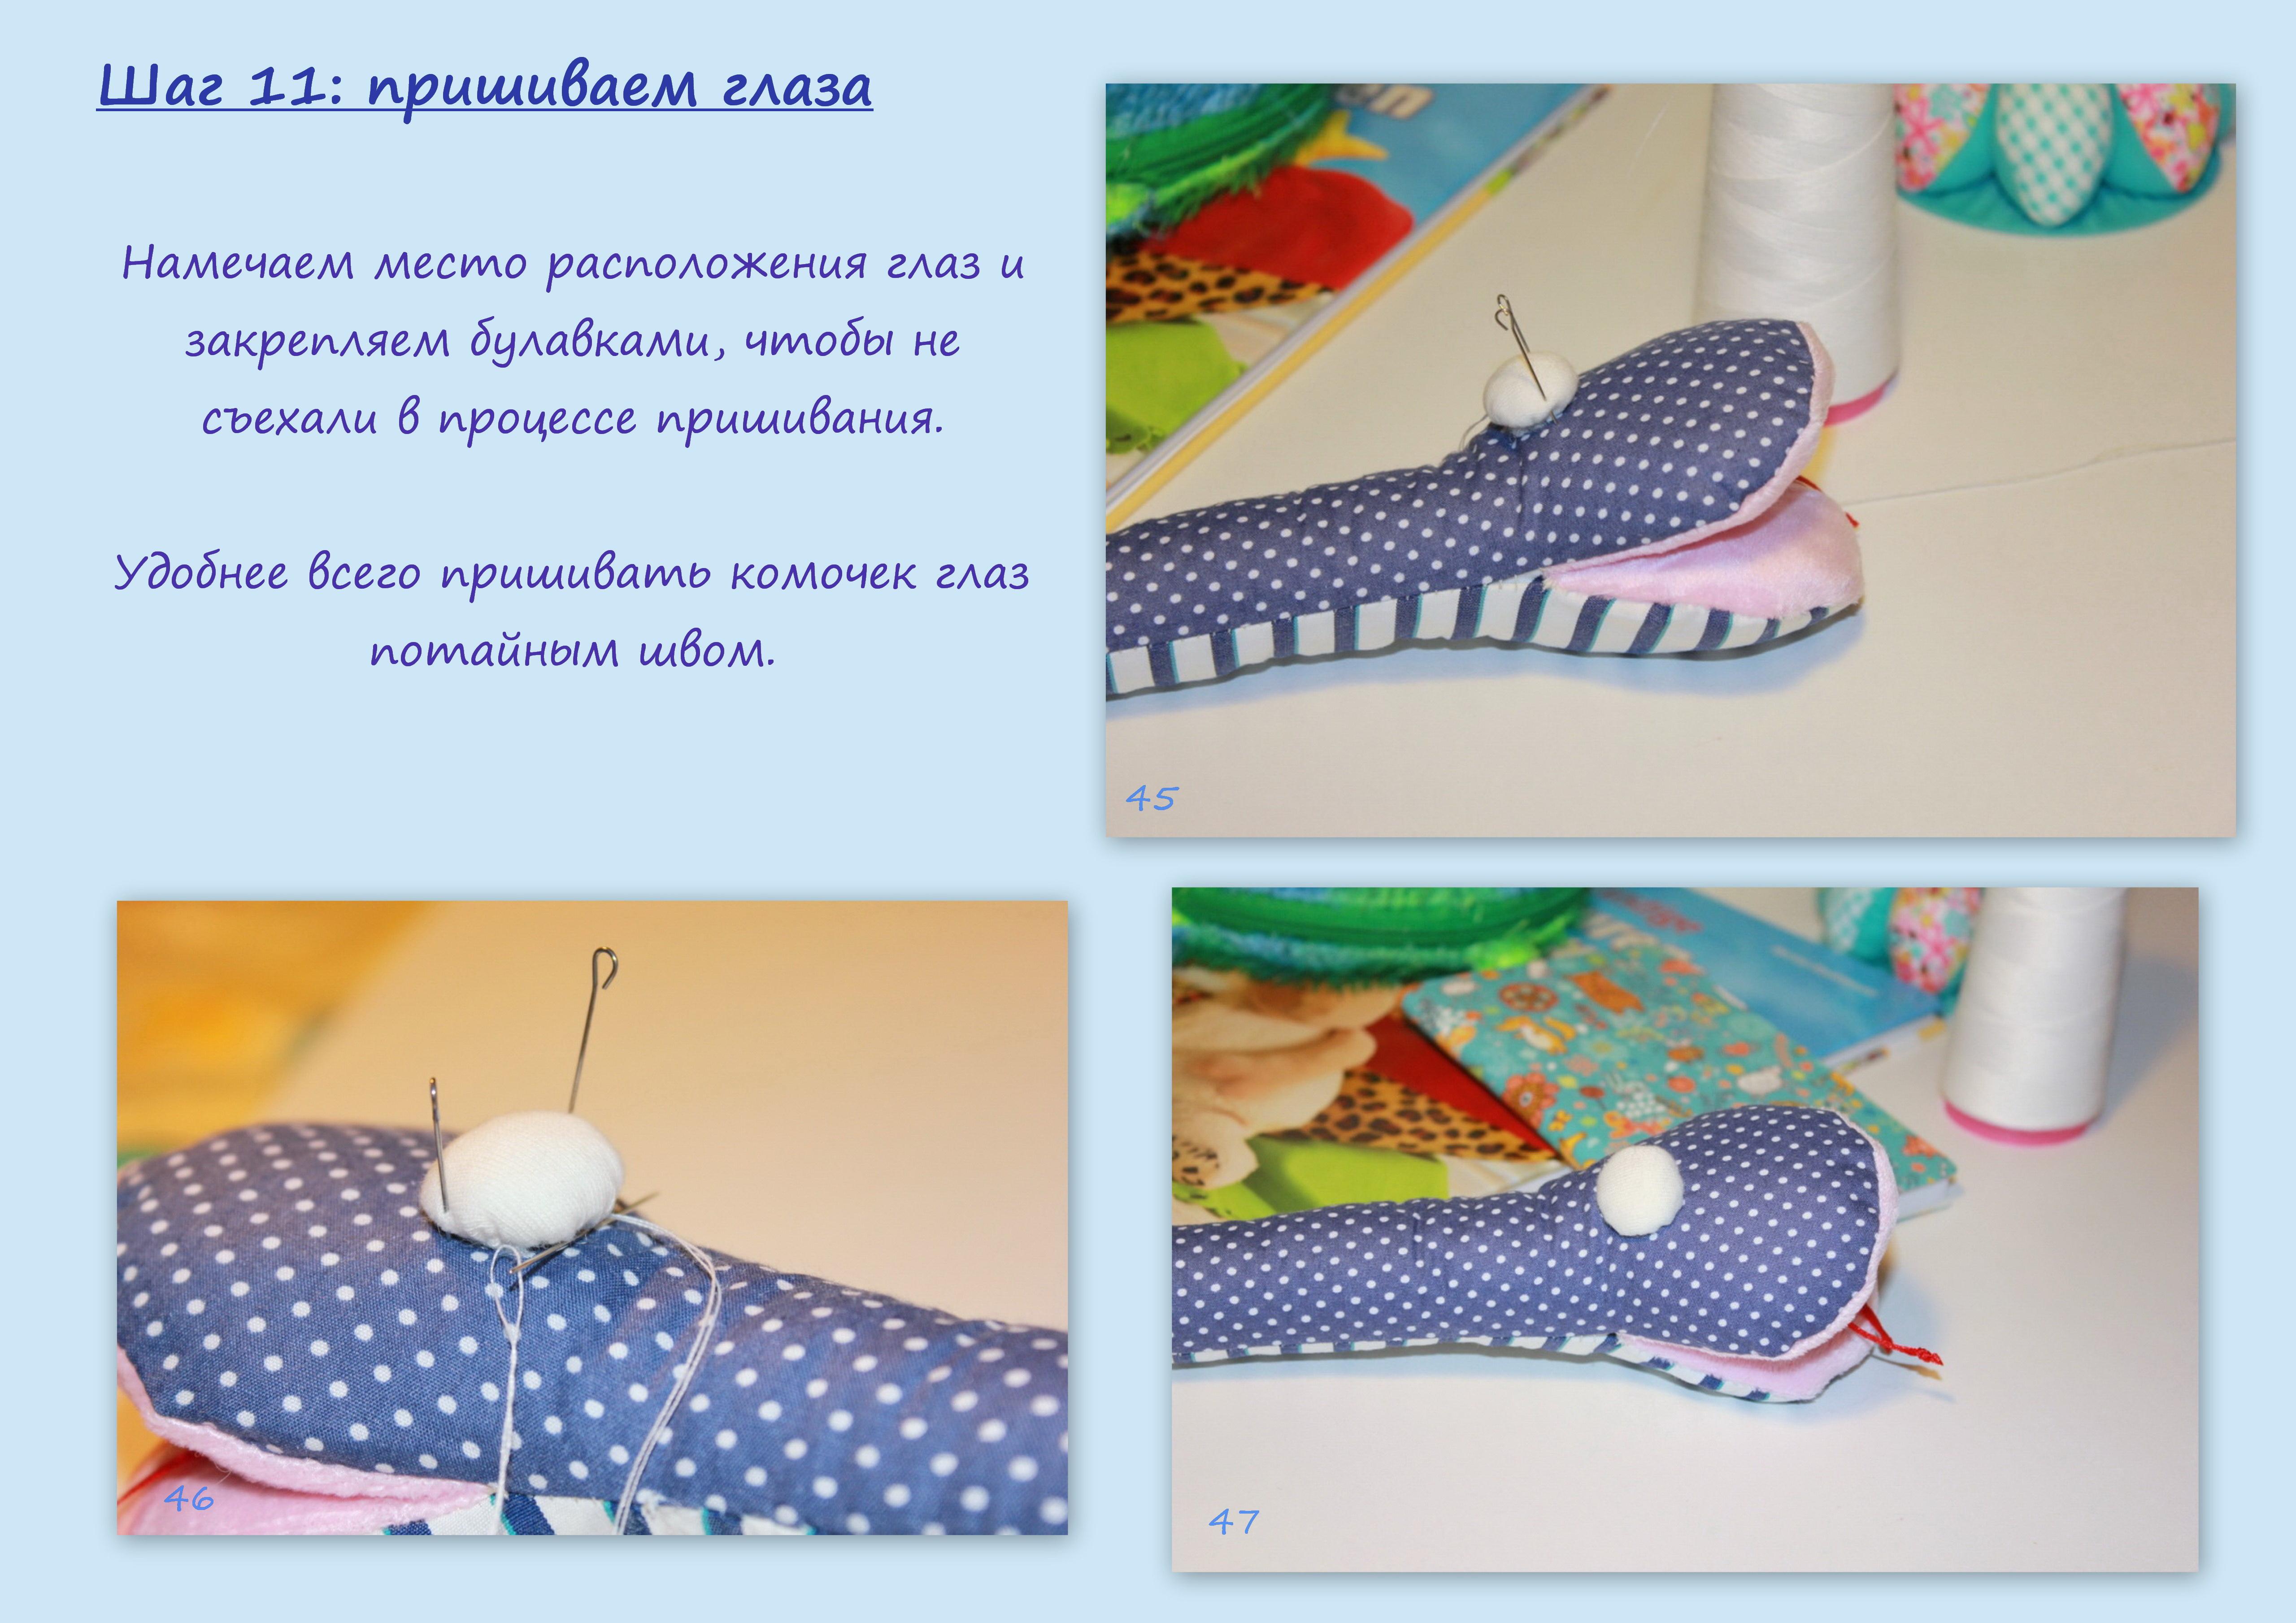 игрушка_змея_11.jpg